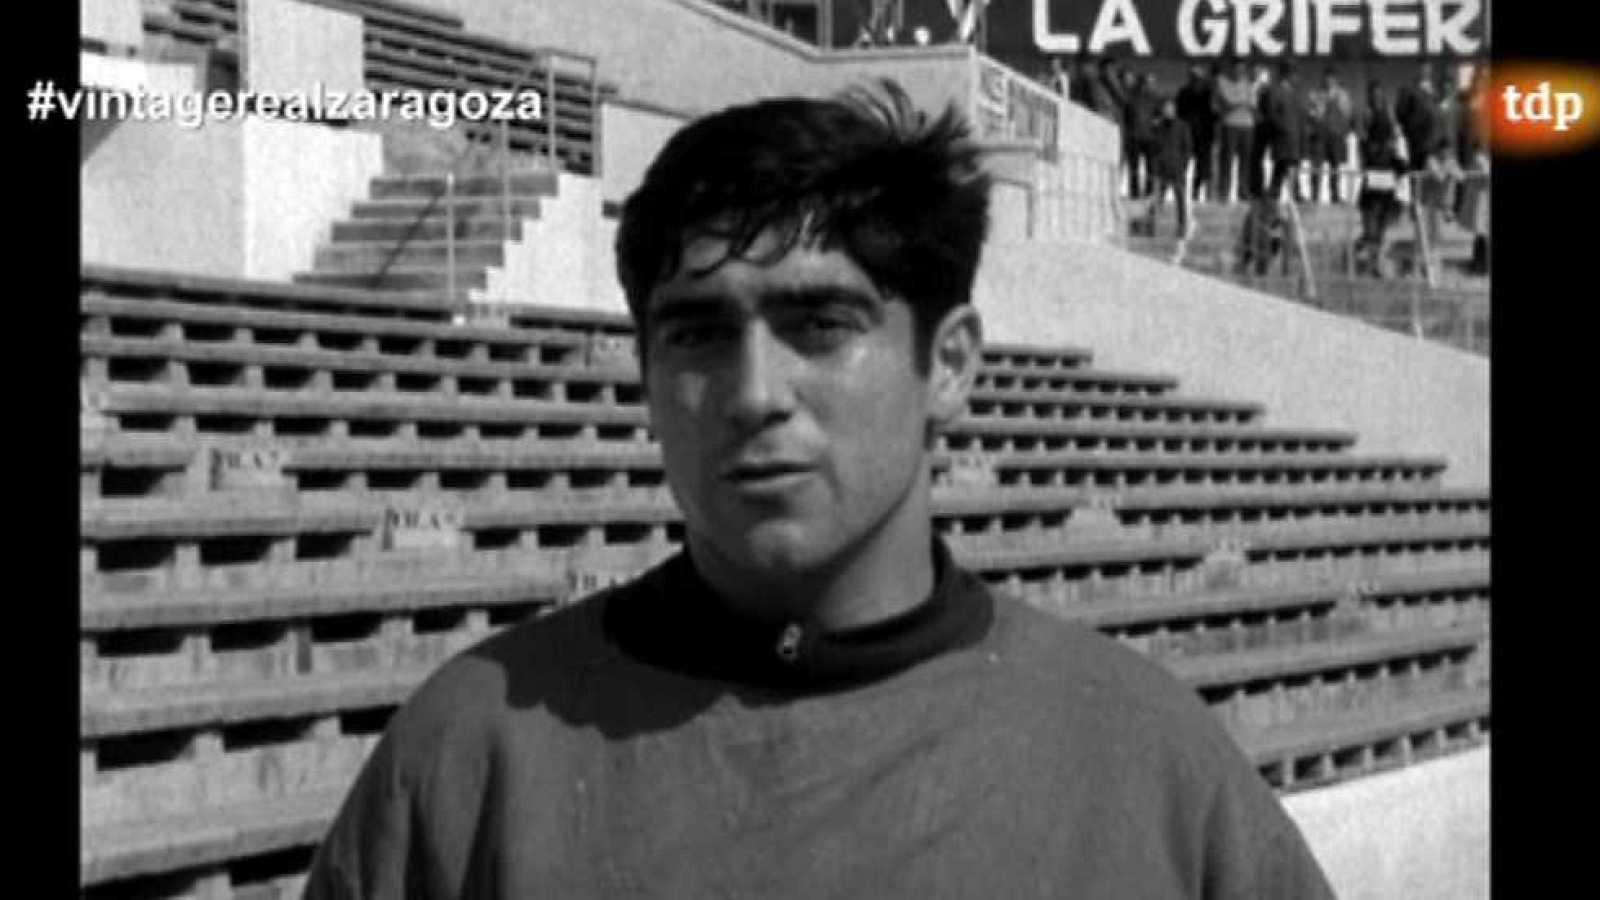 Conexión vintage - Fútbol: héroes Real Zaragoza - ver ahora